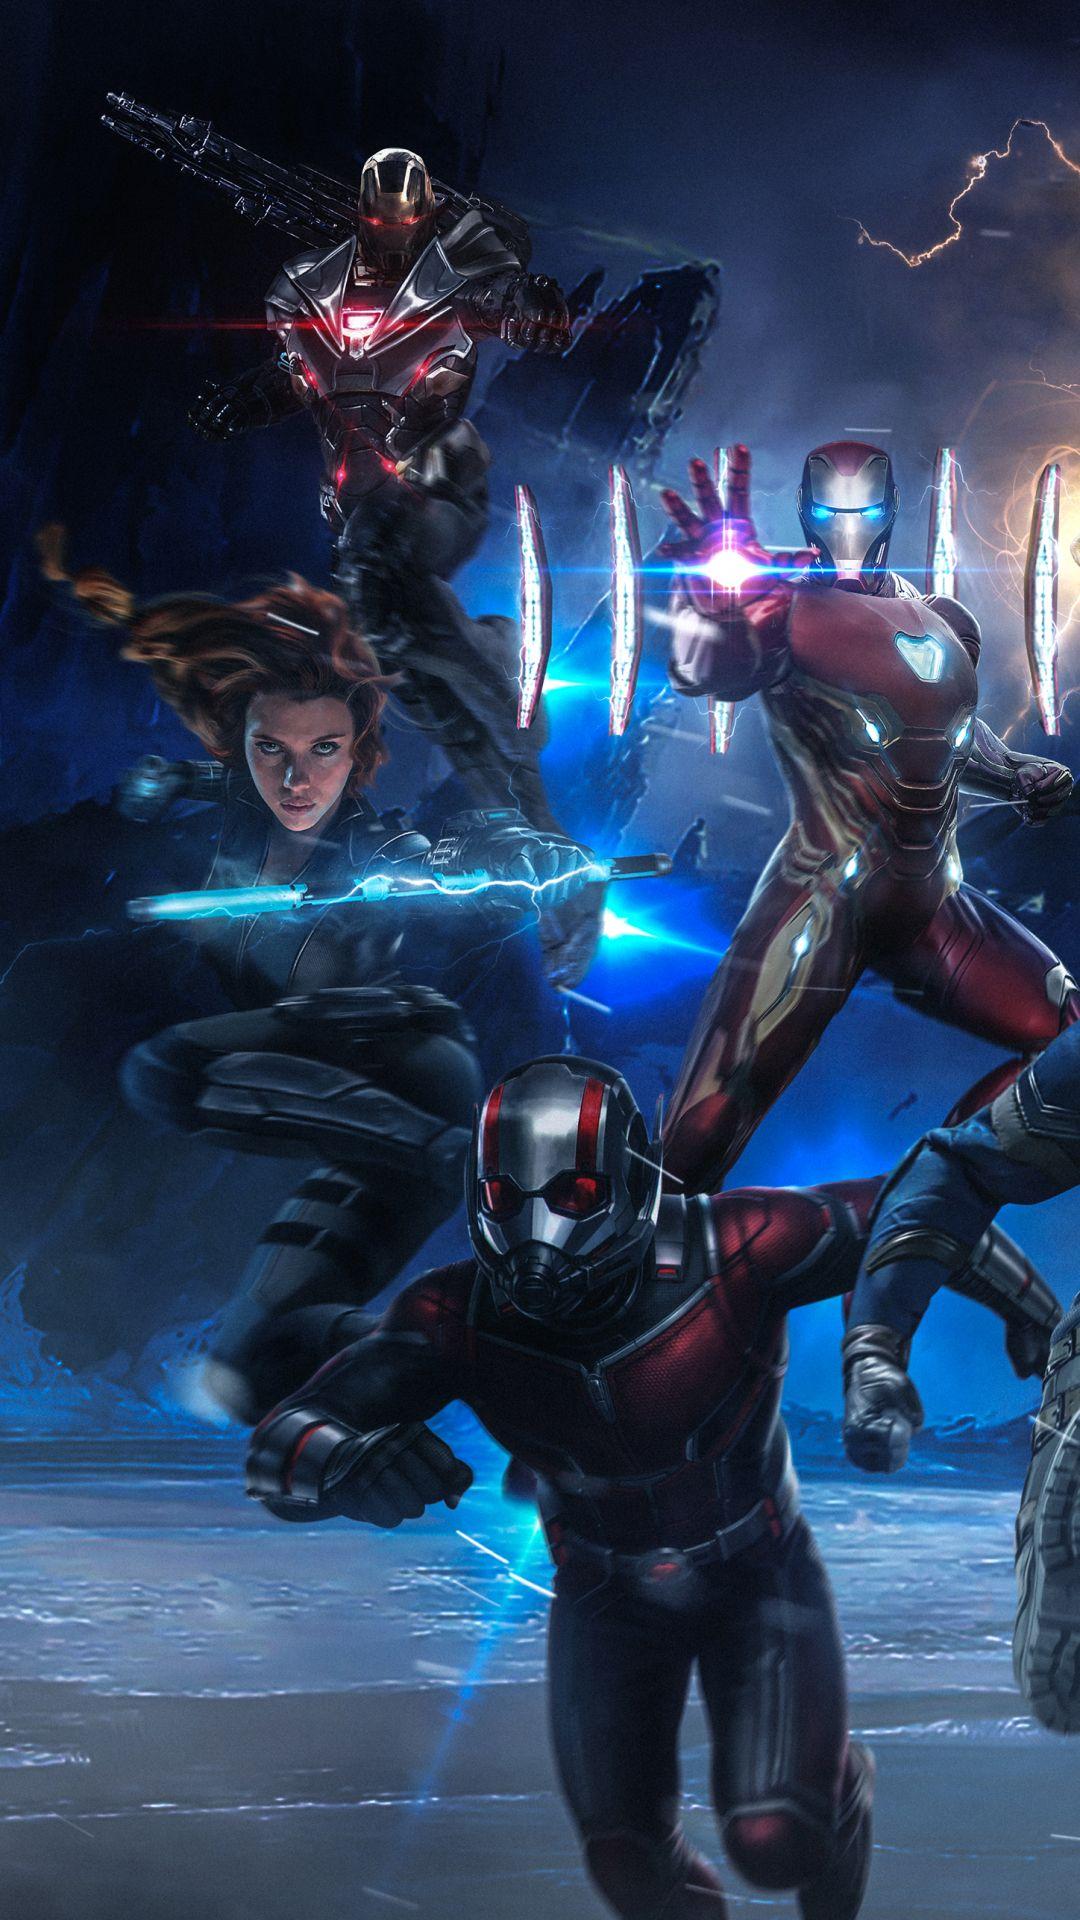 Avengers Endgame Fond D écran Pour Cellulaire 93